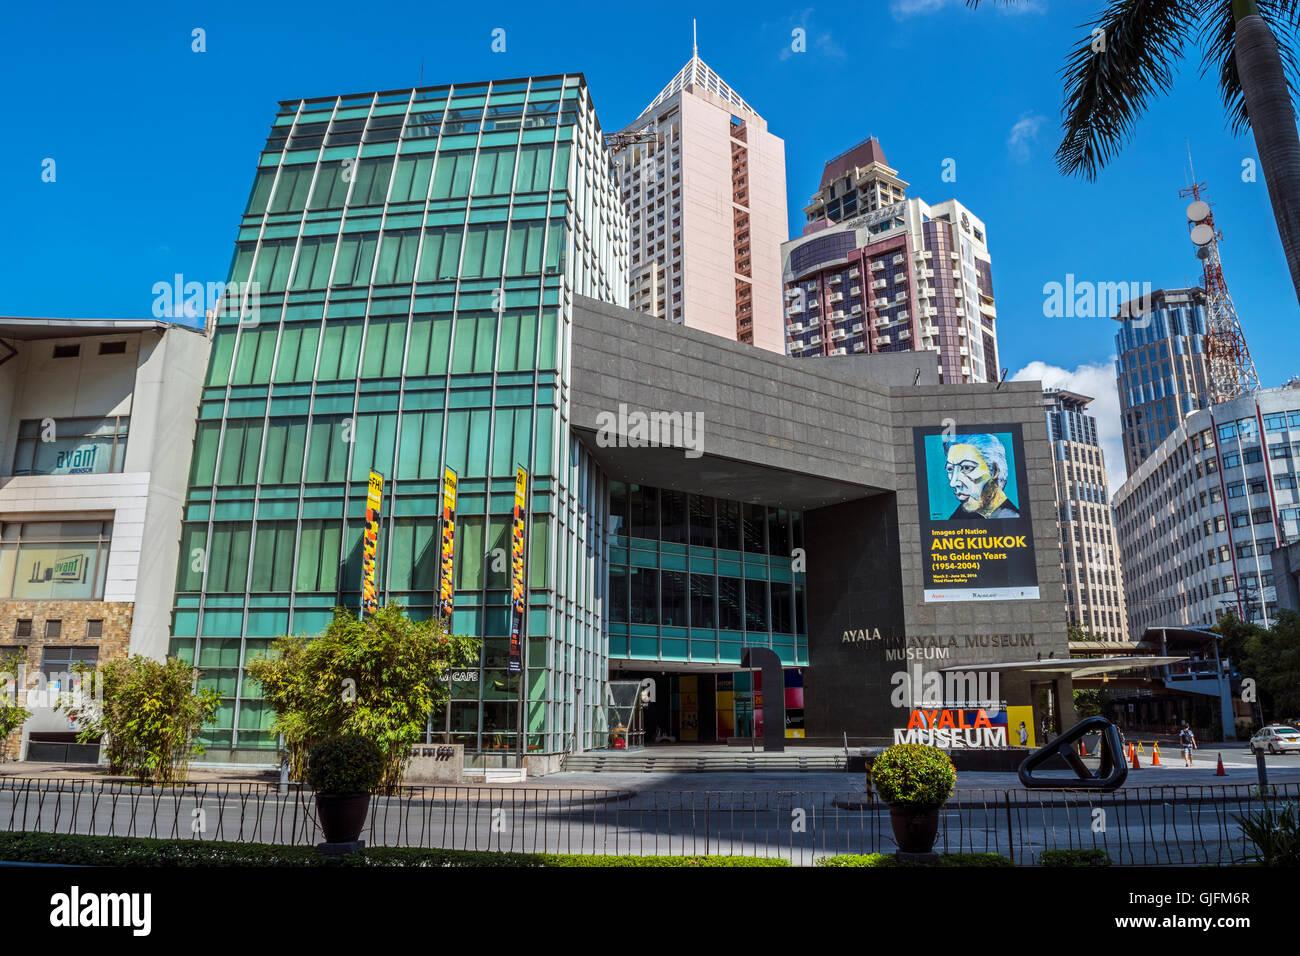 Ayala Museum, Ayala Centre, Makati, Manila, Philippines - Stock Image